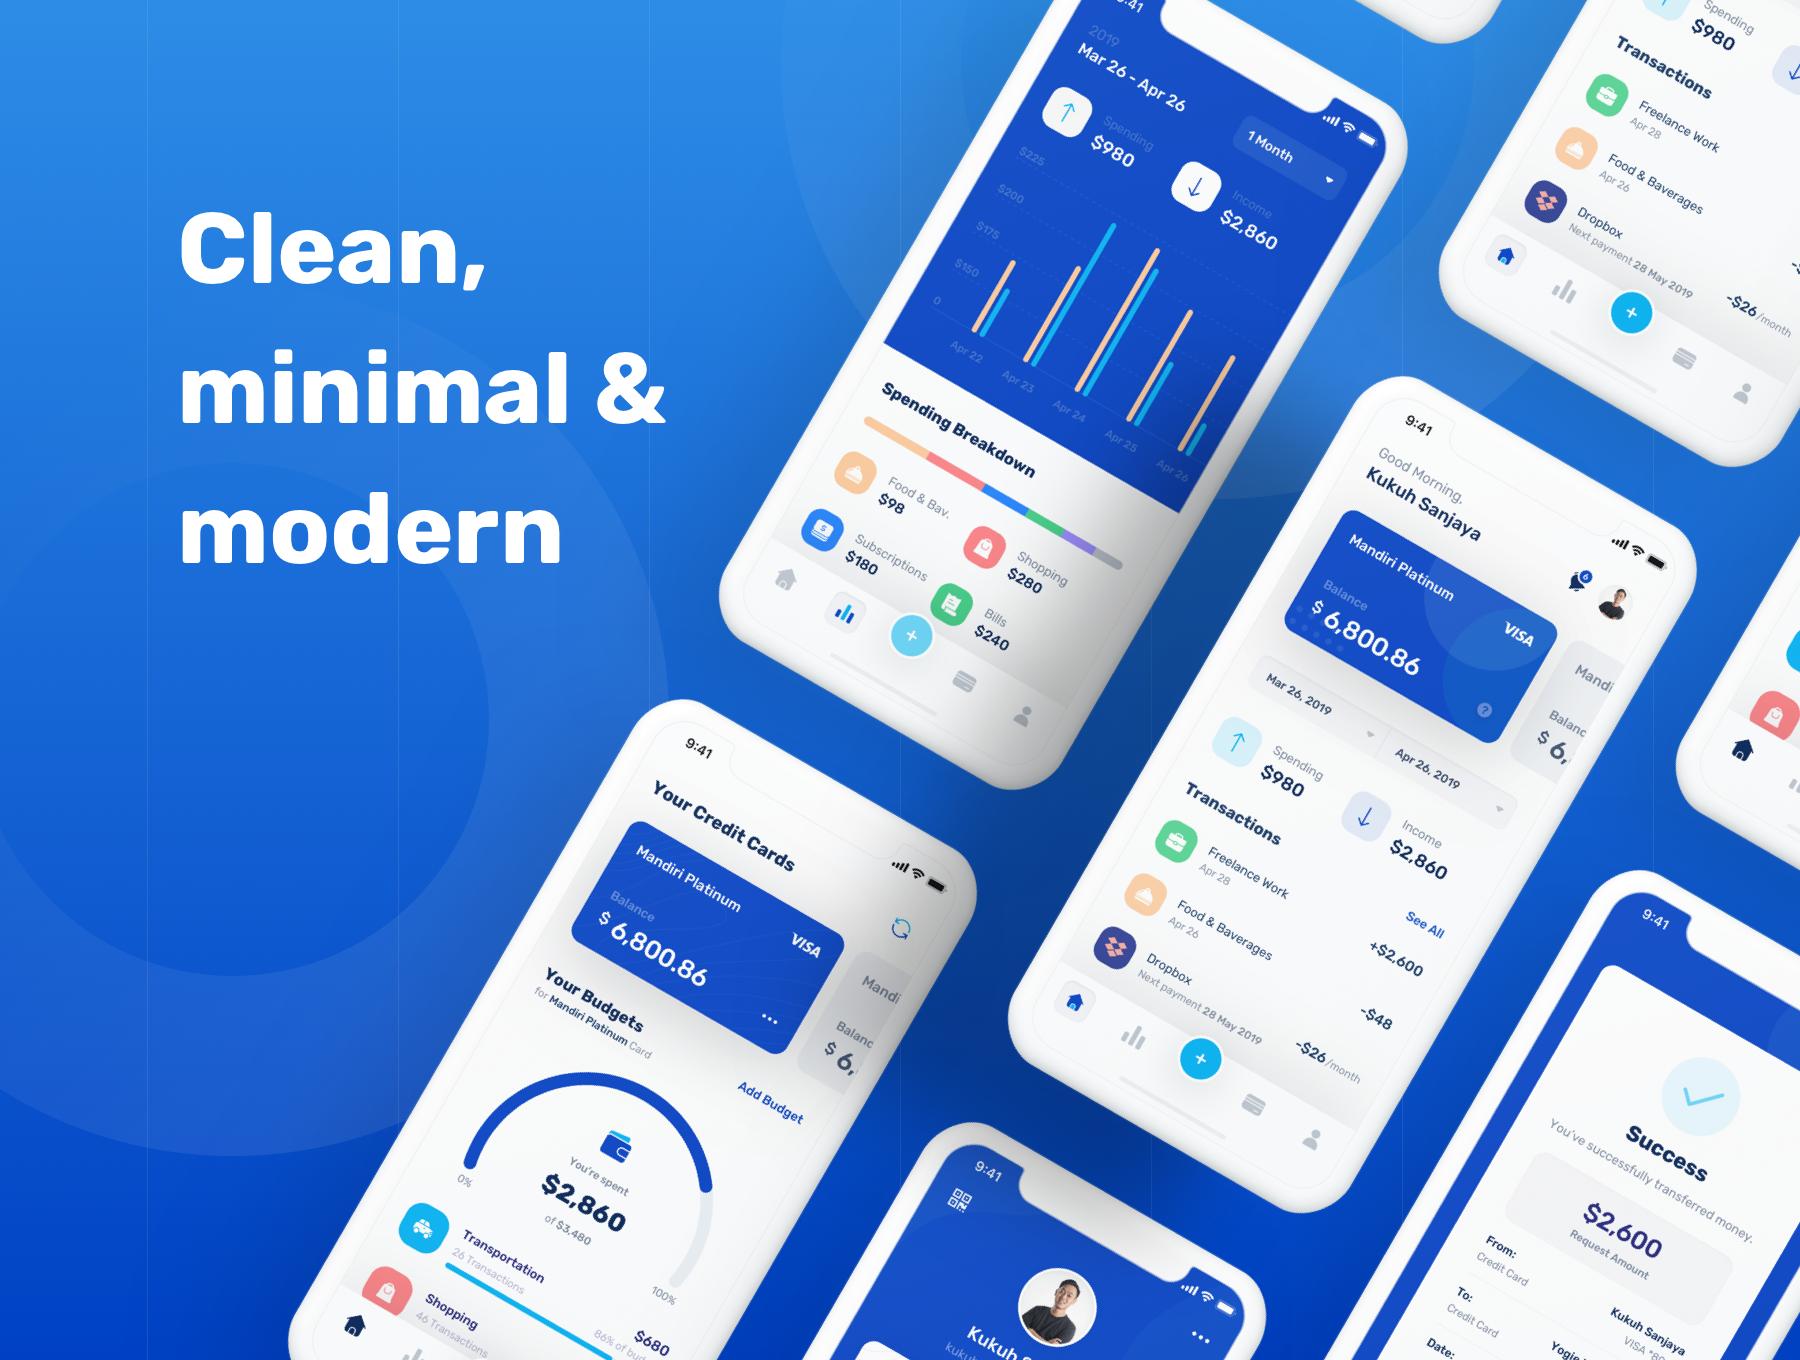 蓝色调金融银行财务管理APP应用程序UI界面设计套件 Banky – Finance App UI Kit插图(3)